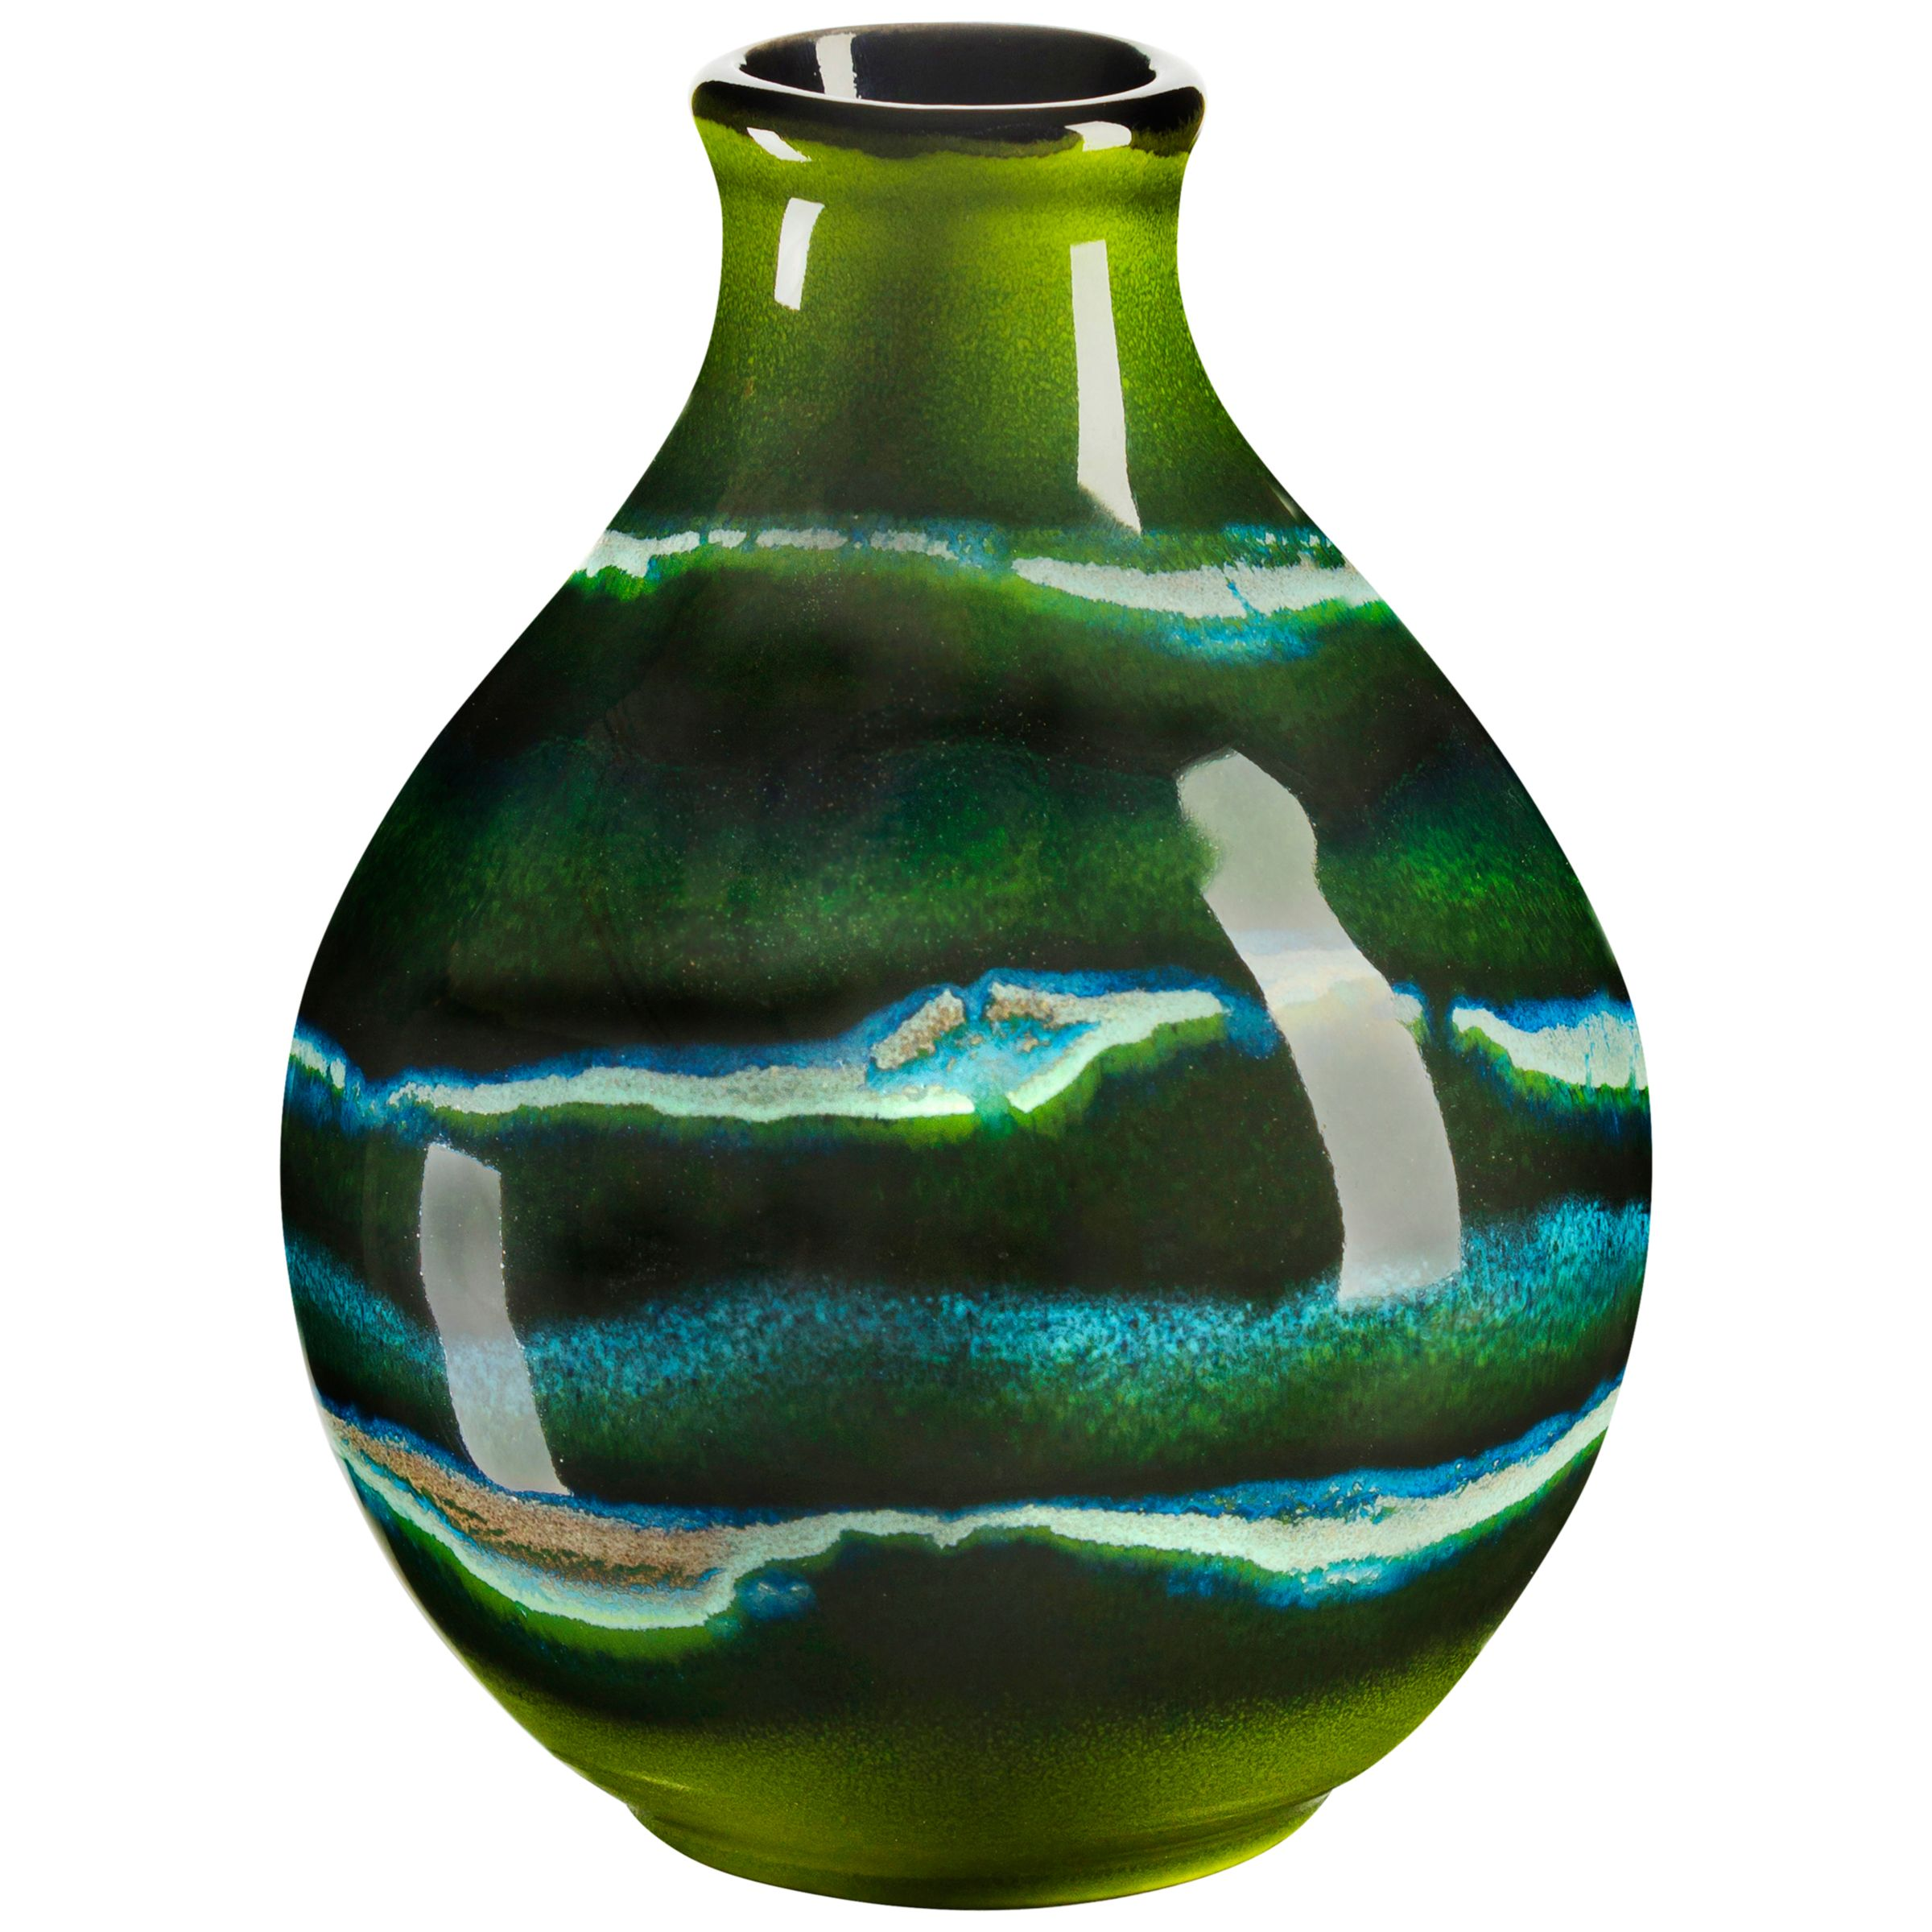 Poole Pottery Poole Pottery Maya Bud Vase, H12cm